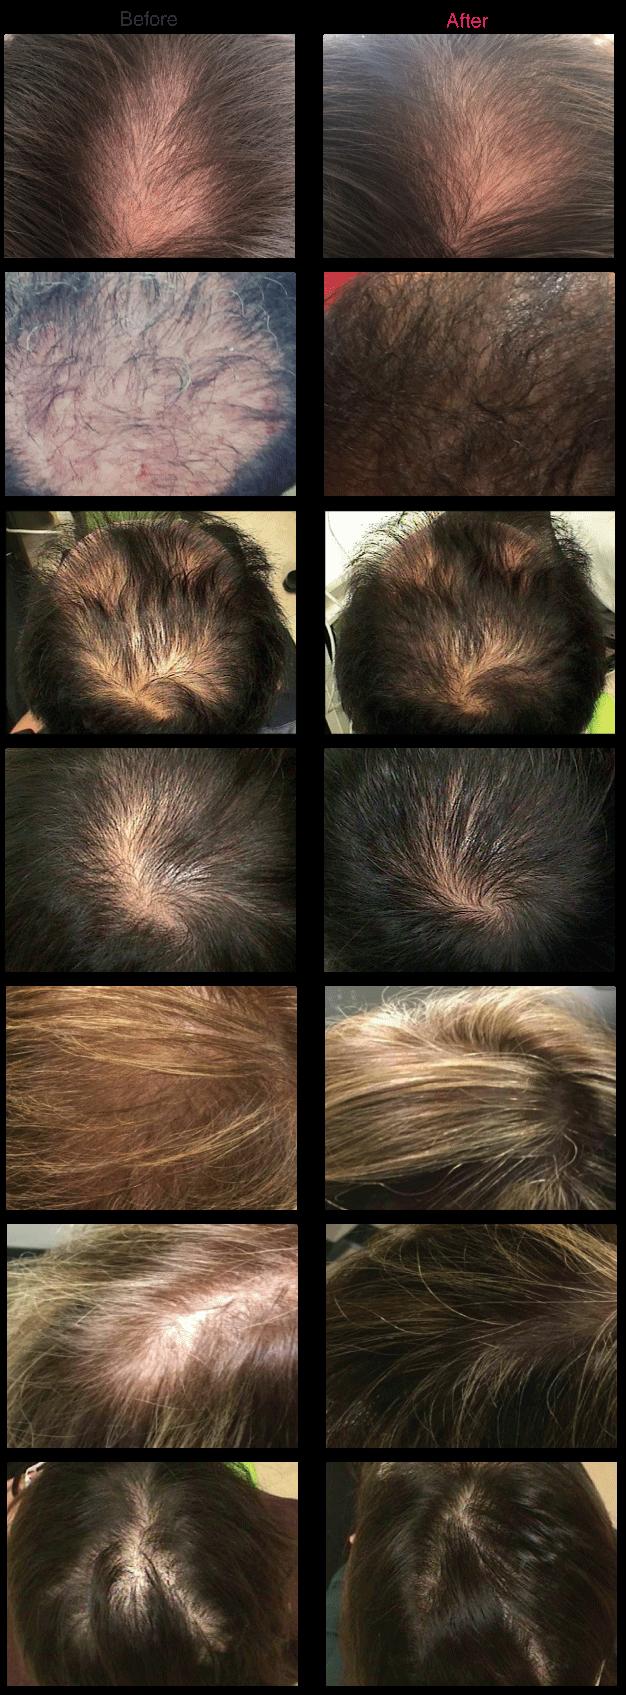 نتایج قبل و بعد استفاده از فیلر مو